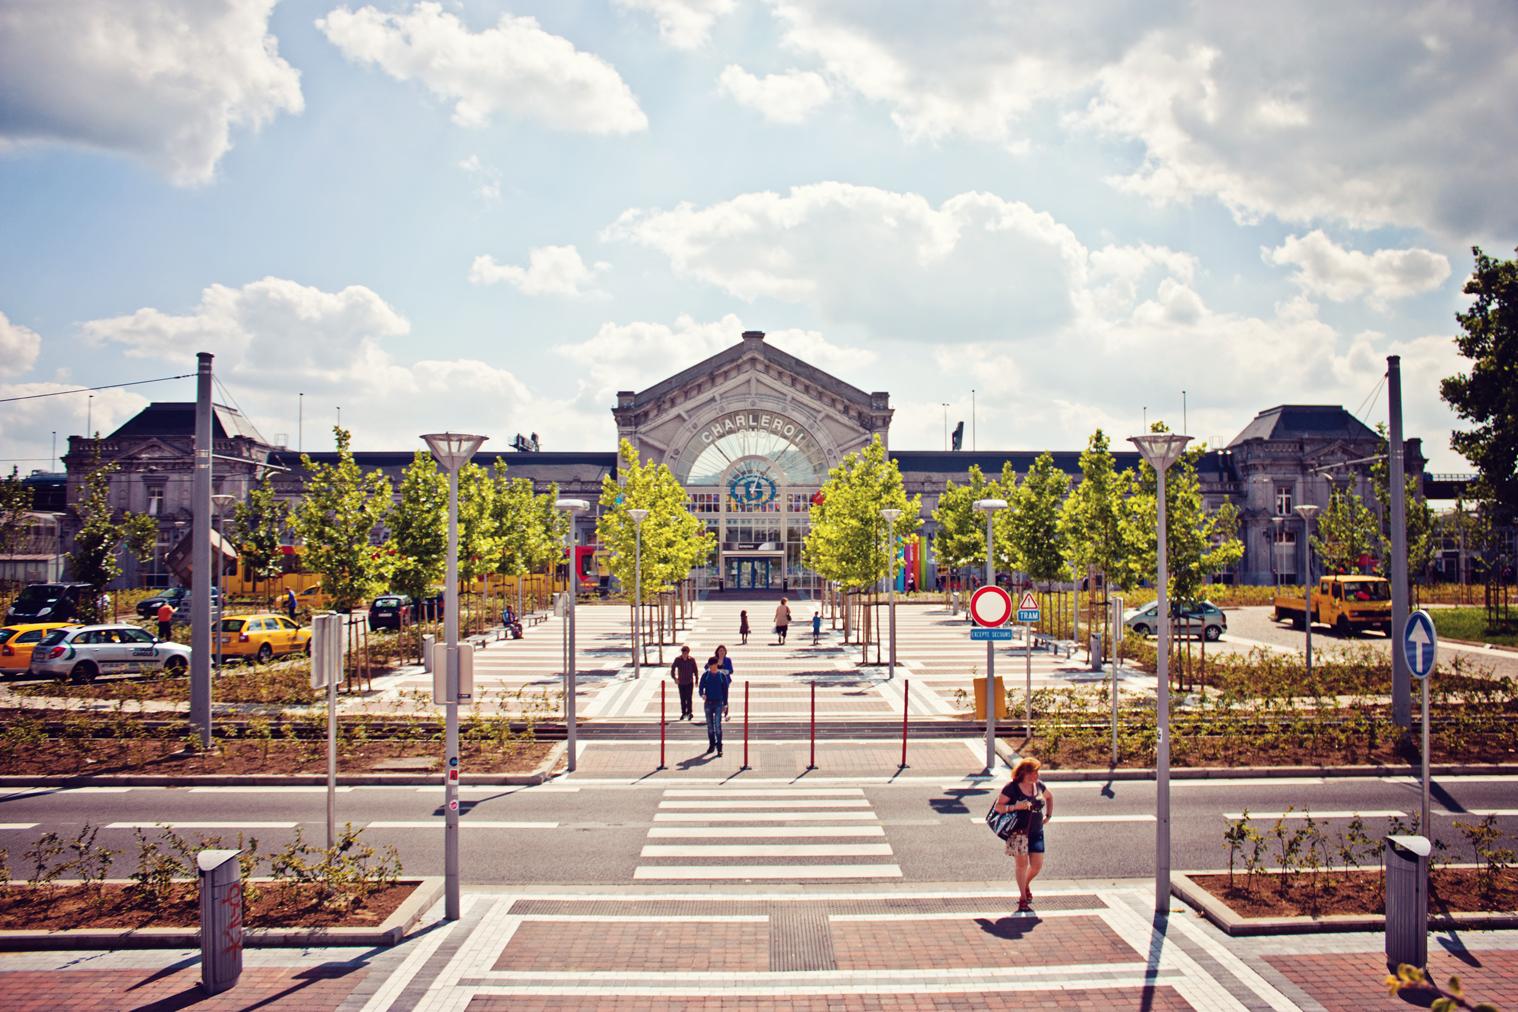 Station charleroi zuid for Miroir jemeppe